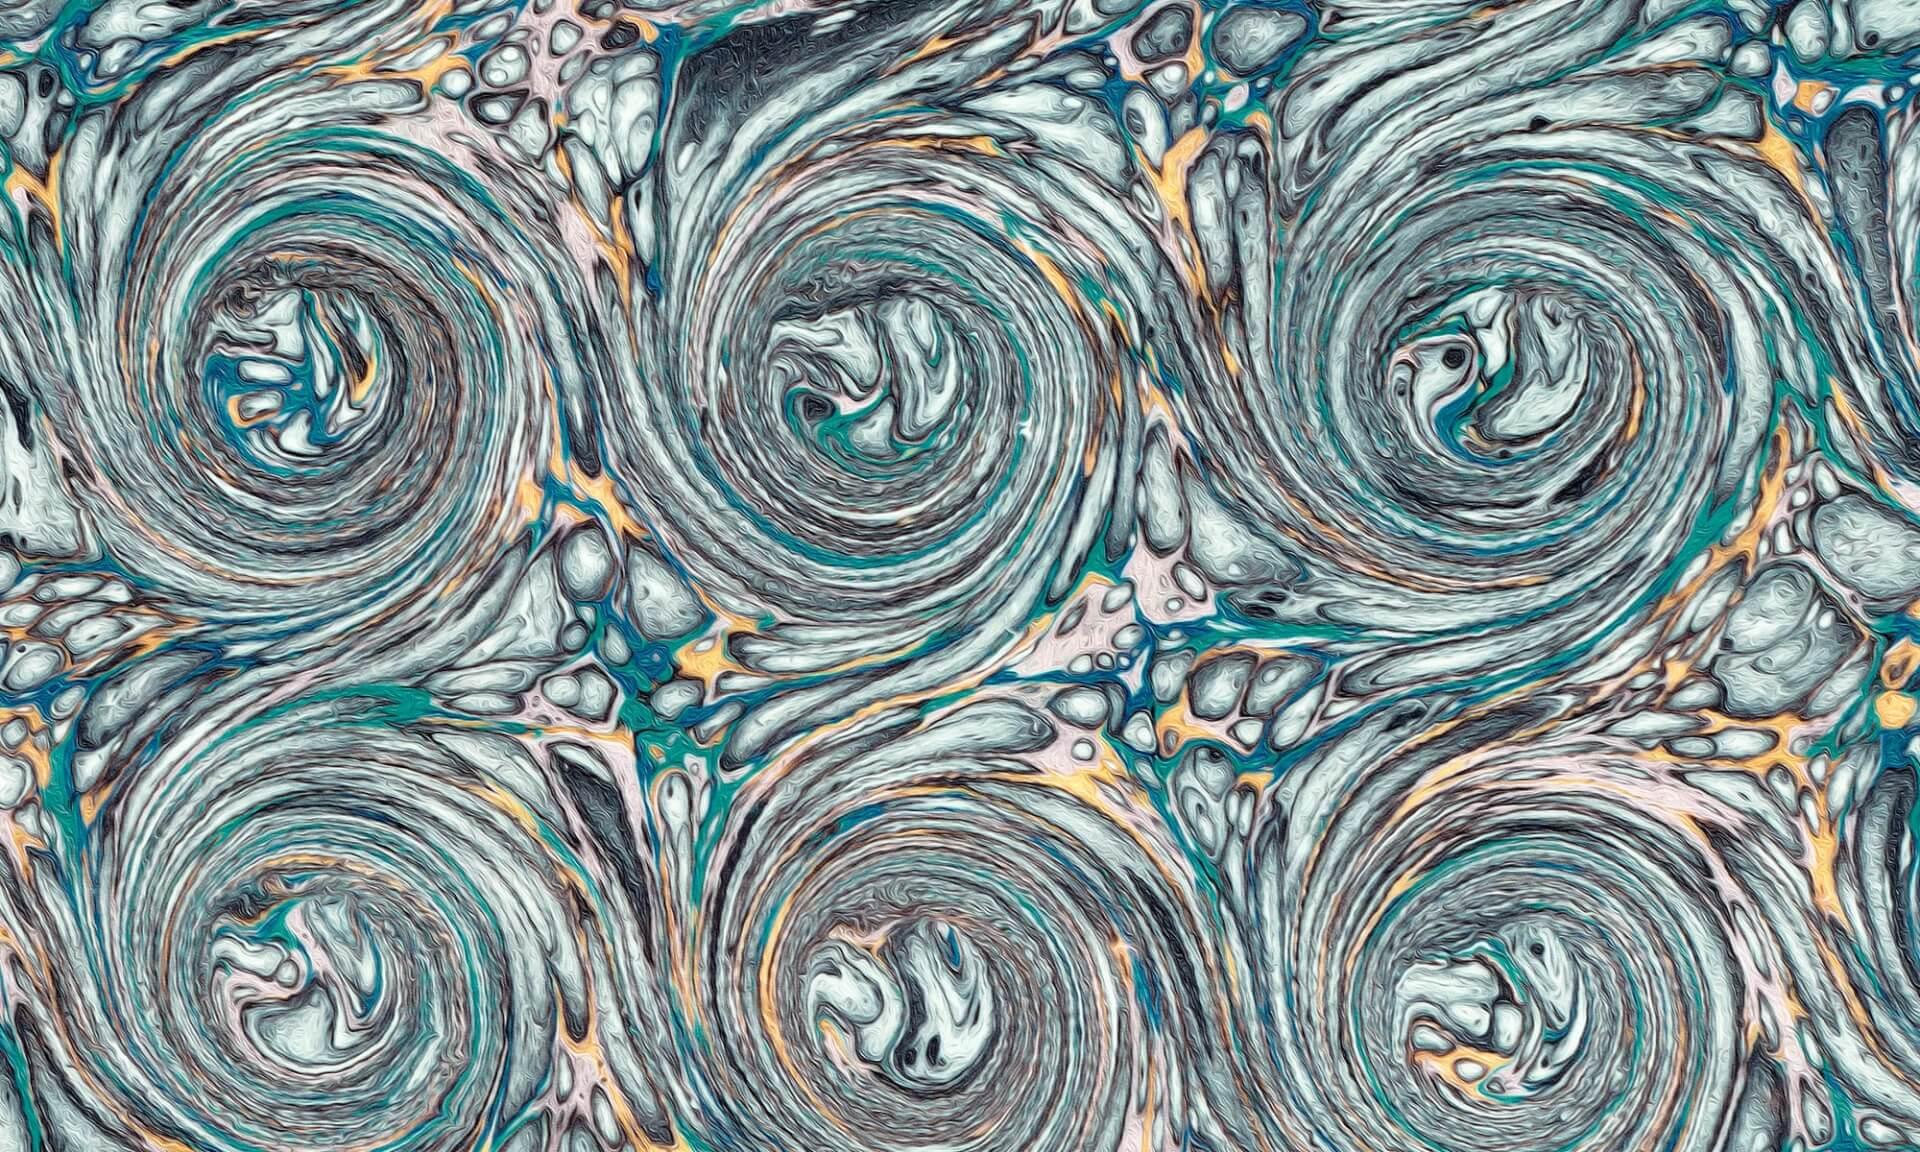 Ink Swirl (DE4690) Detail 5 Doug Garrabrants